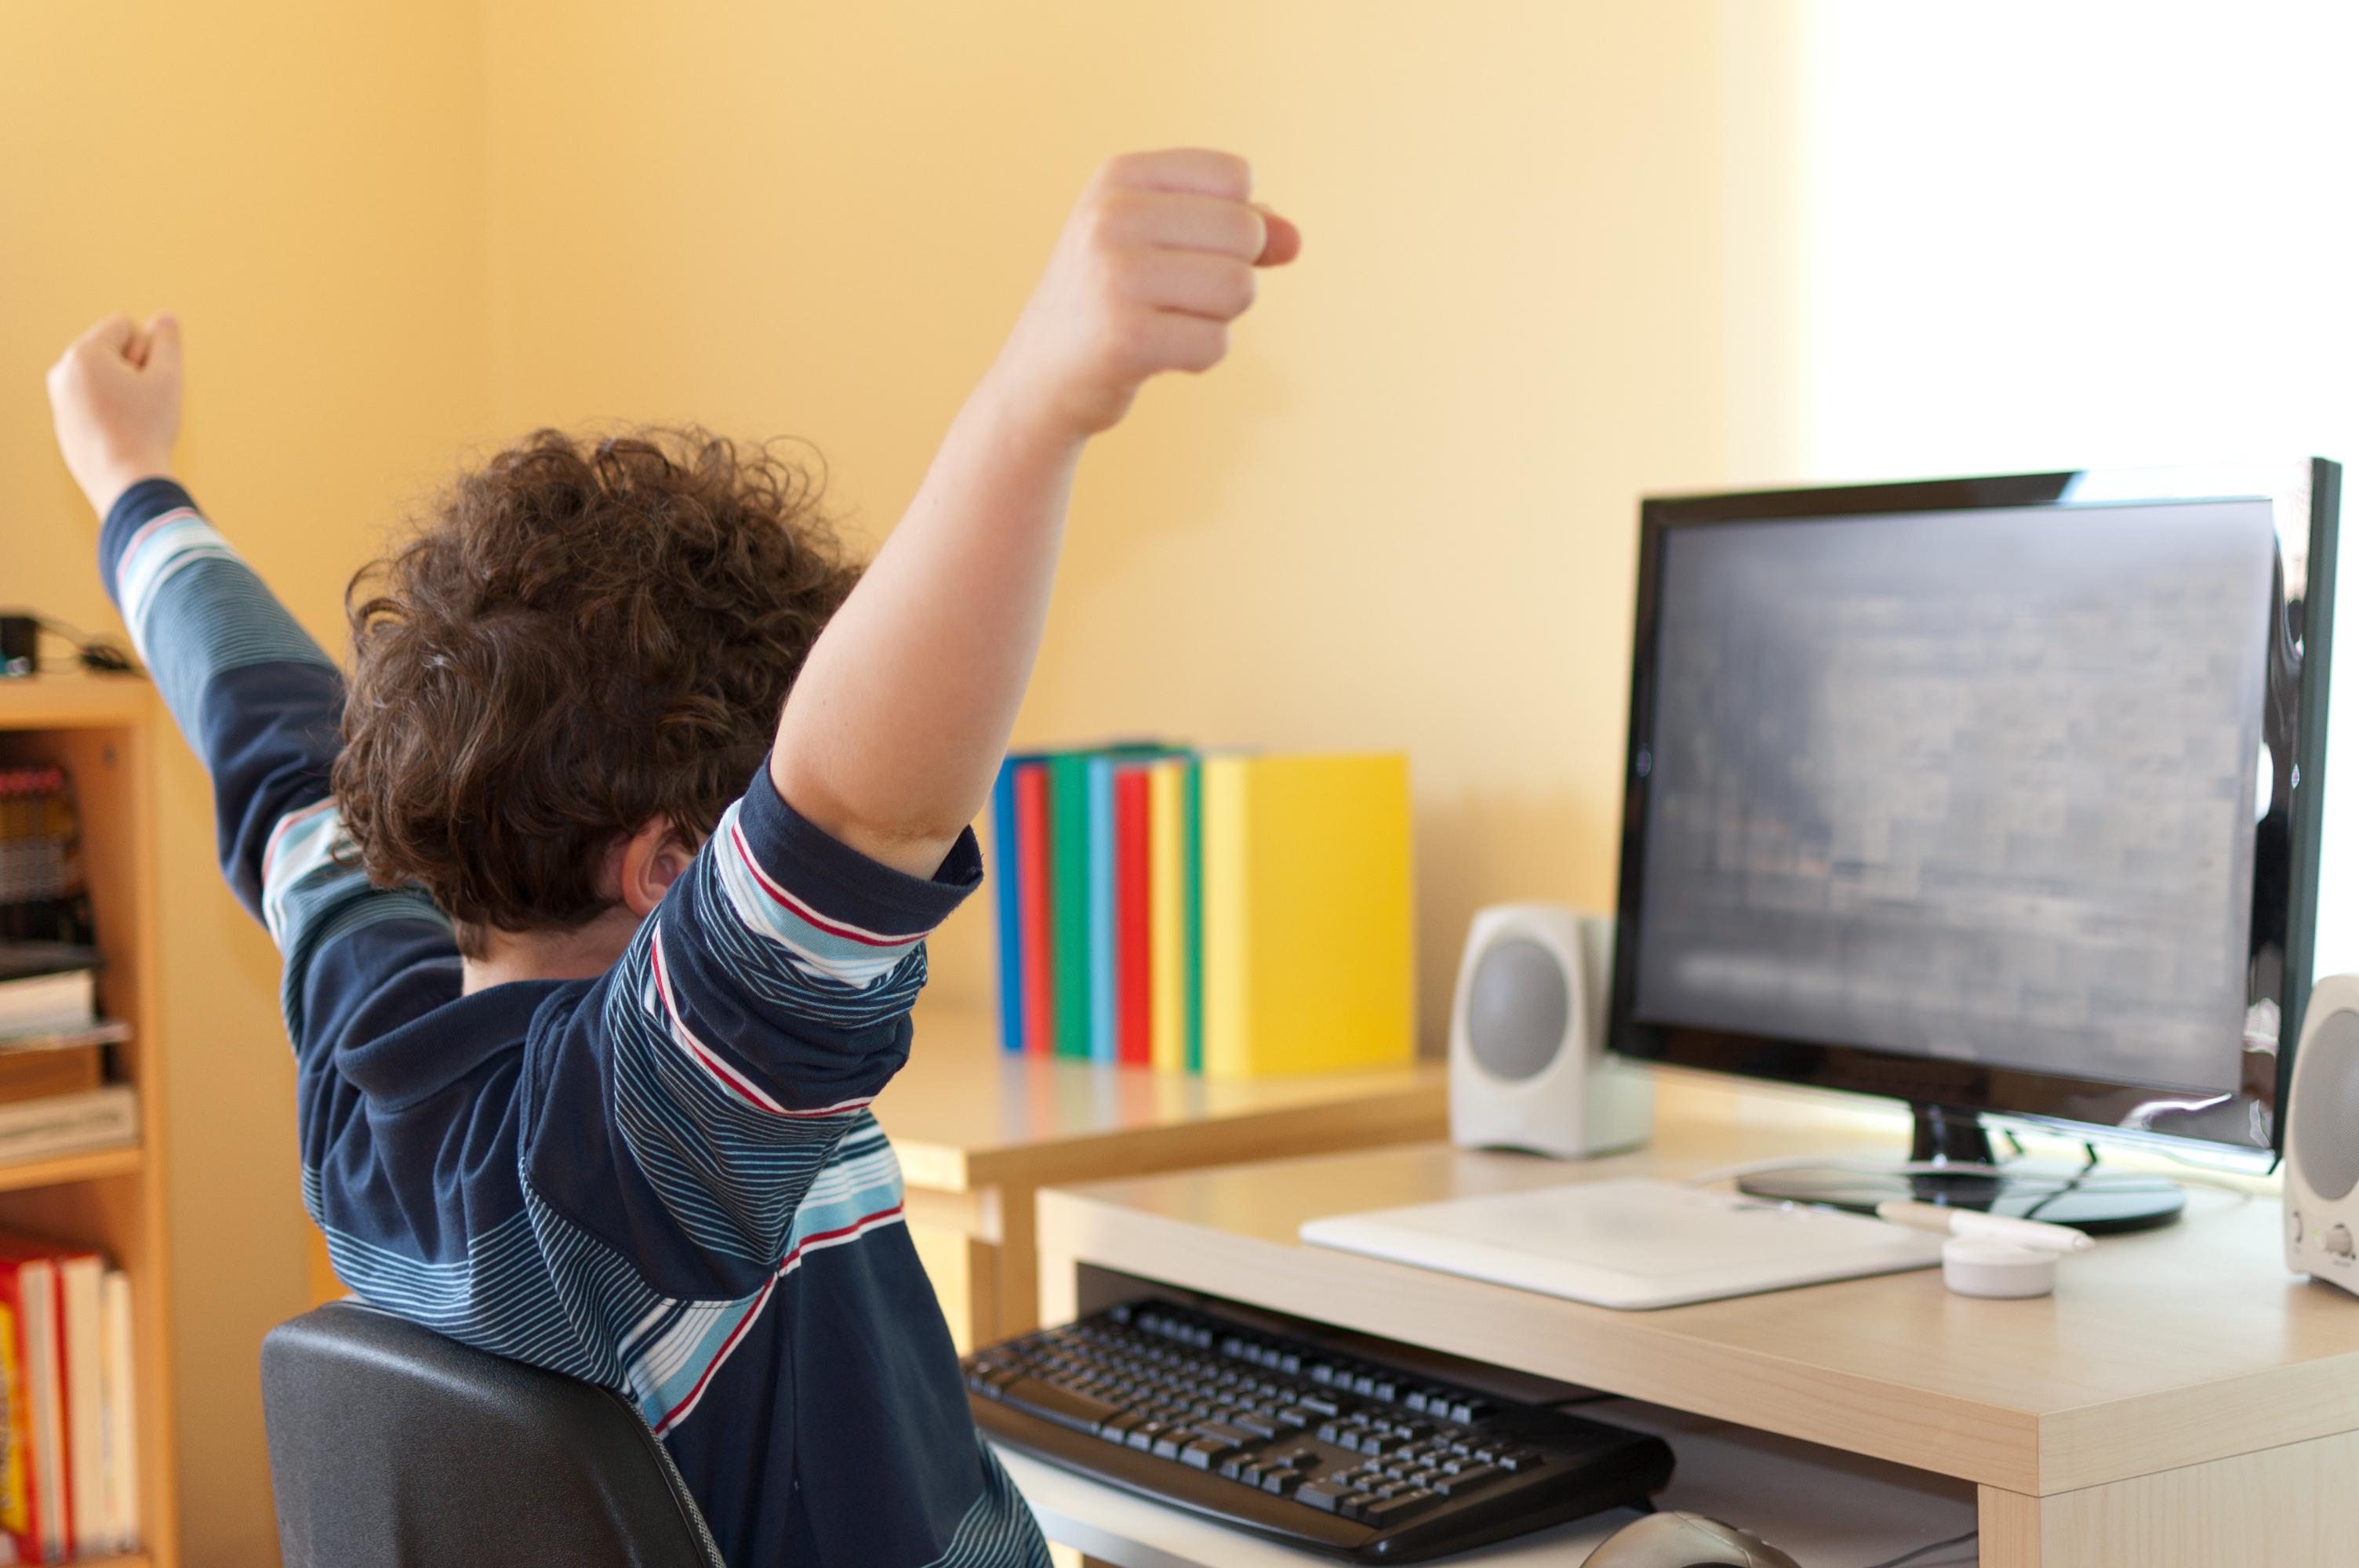 Boy using computer at home.jpg